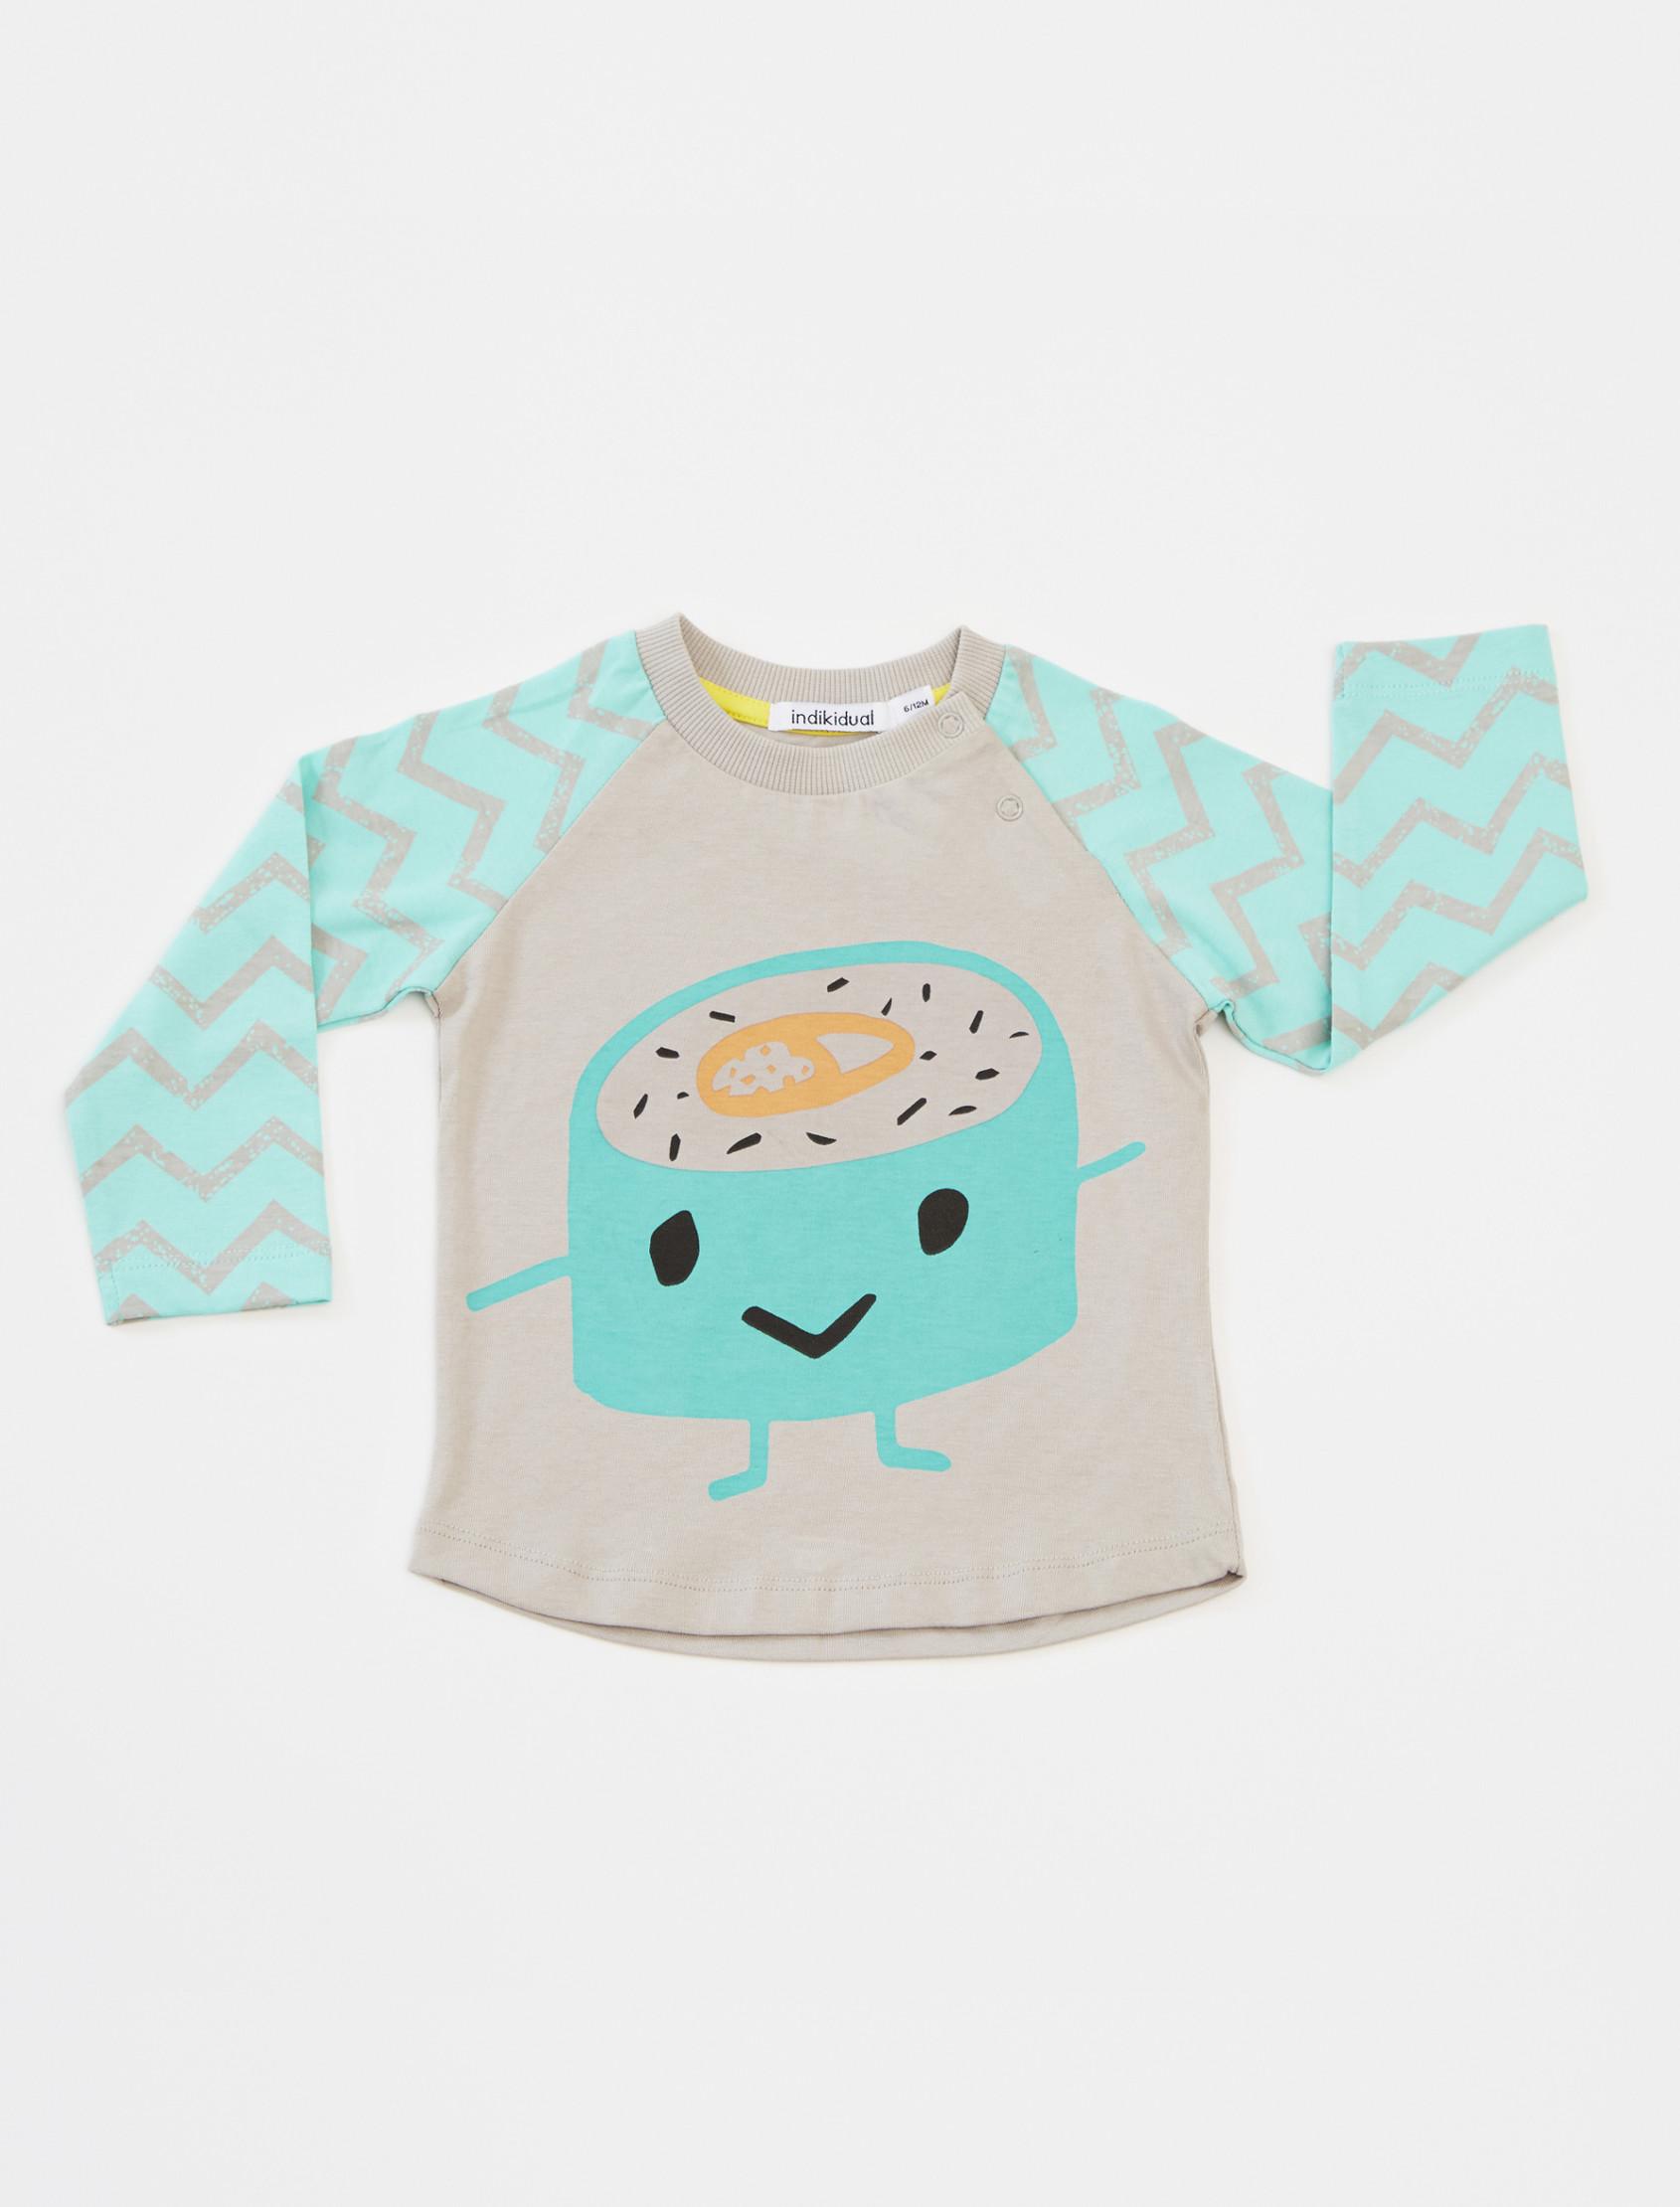 CamisetaSUSHI_01